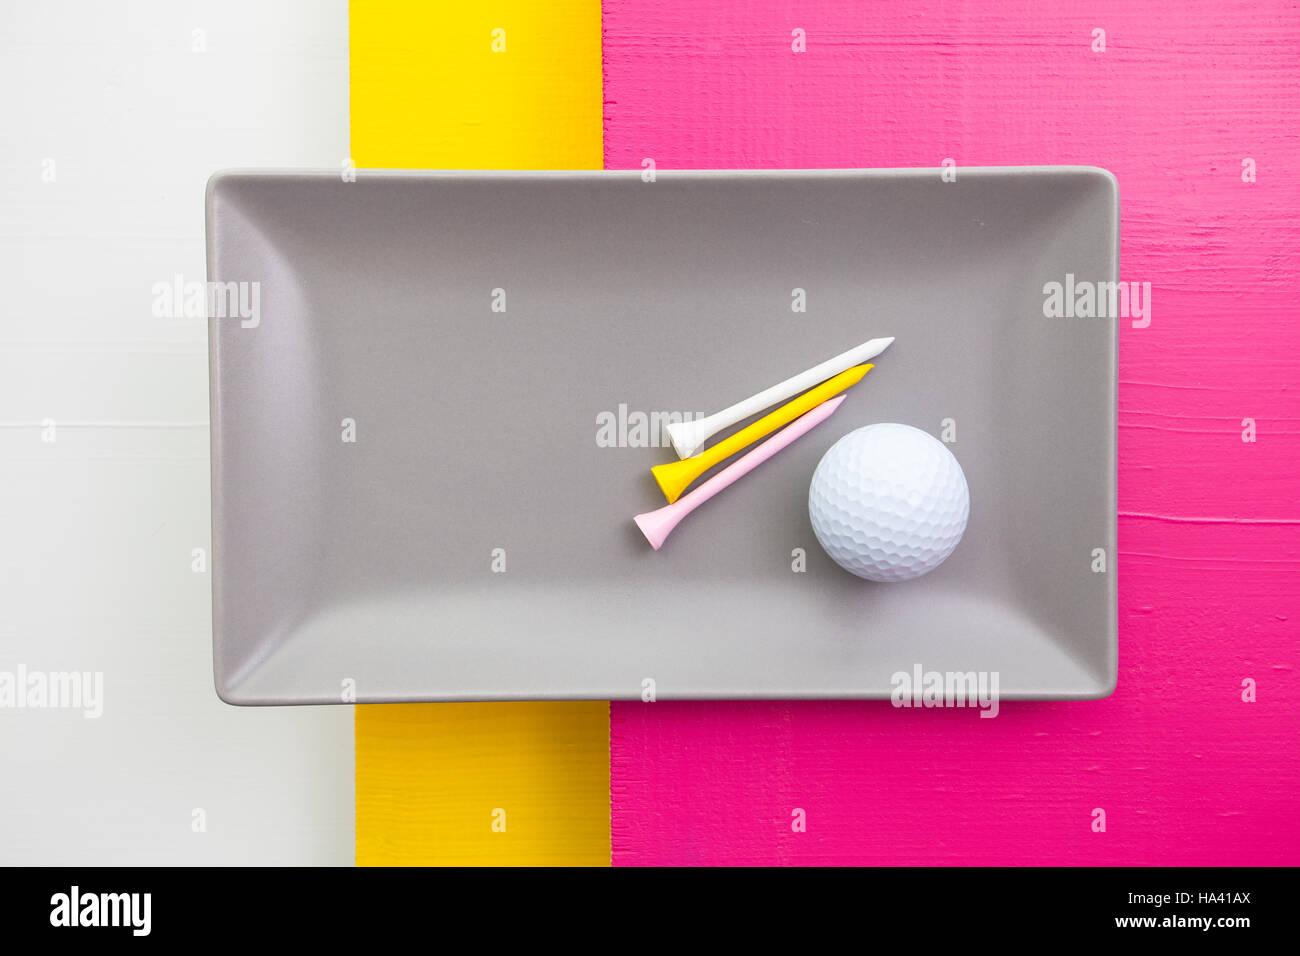 Grigio piatto in ceramica con attrezzature da golf su bianco, giallo e rosa tavolo in legno, rettangolo piatto Immagini Stock